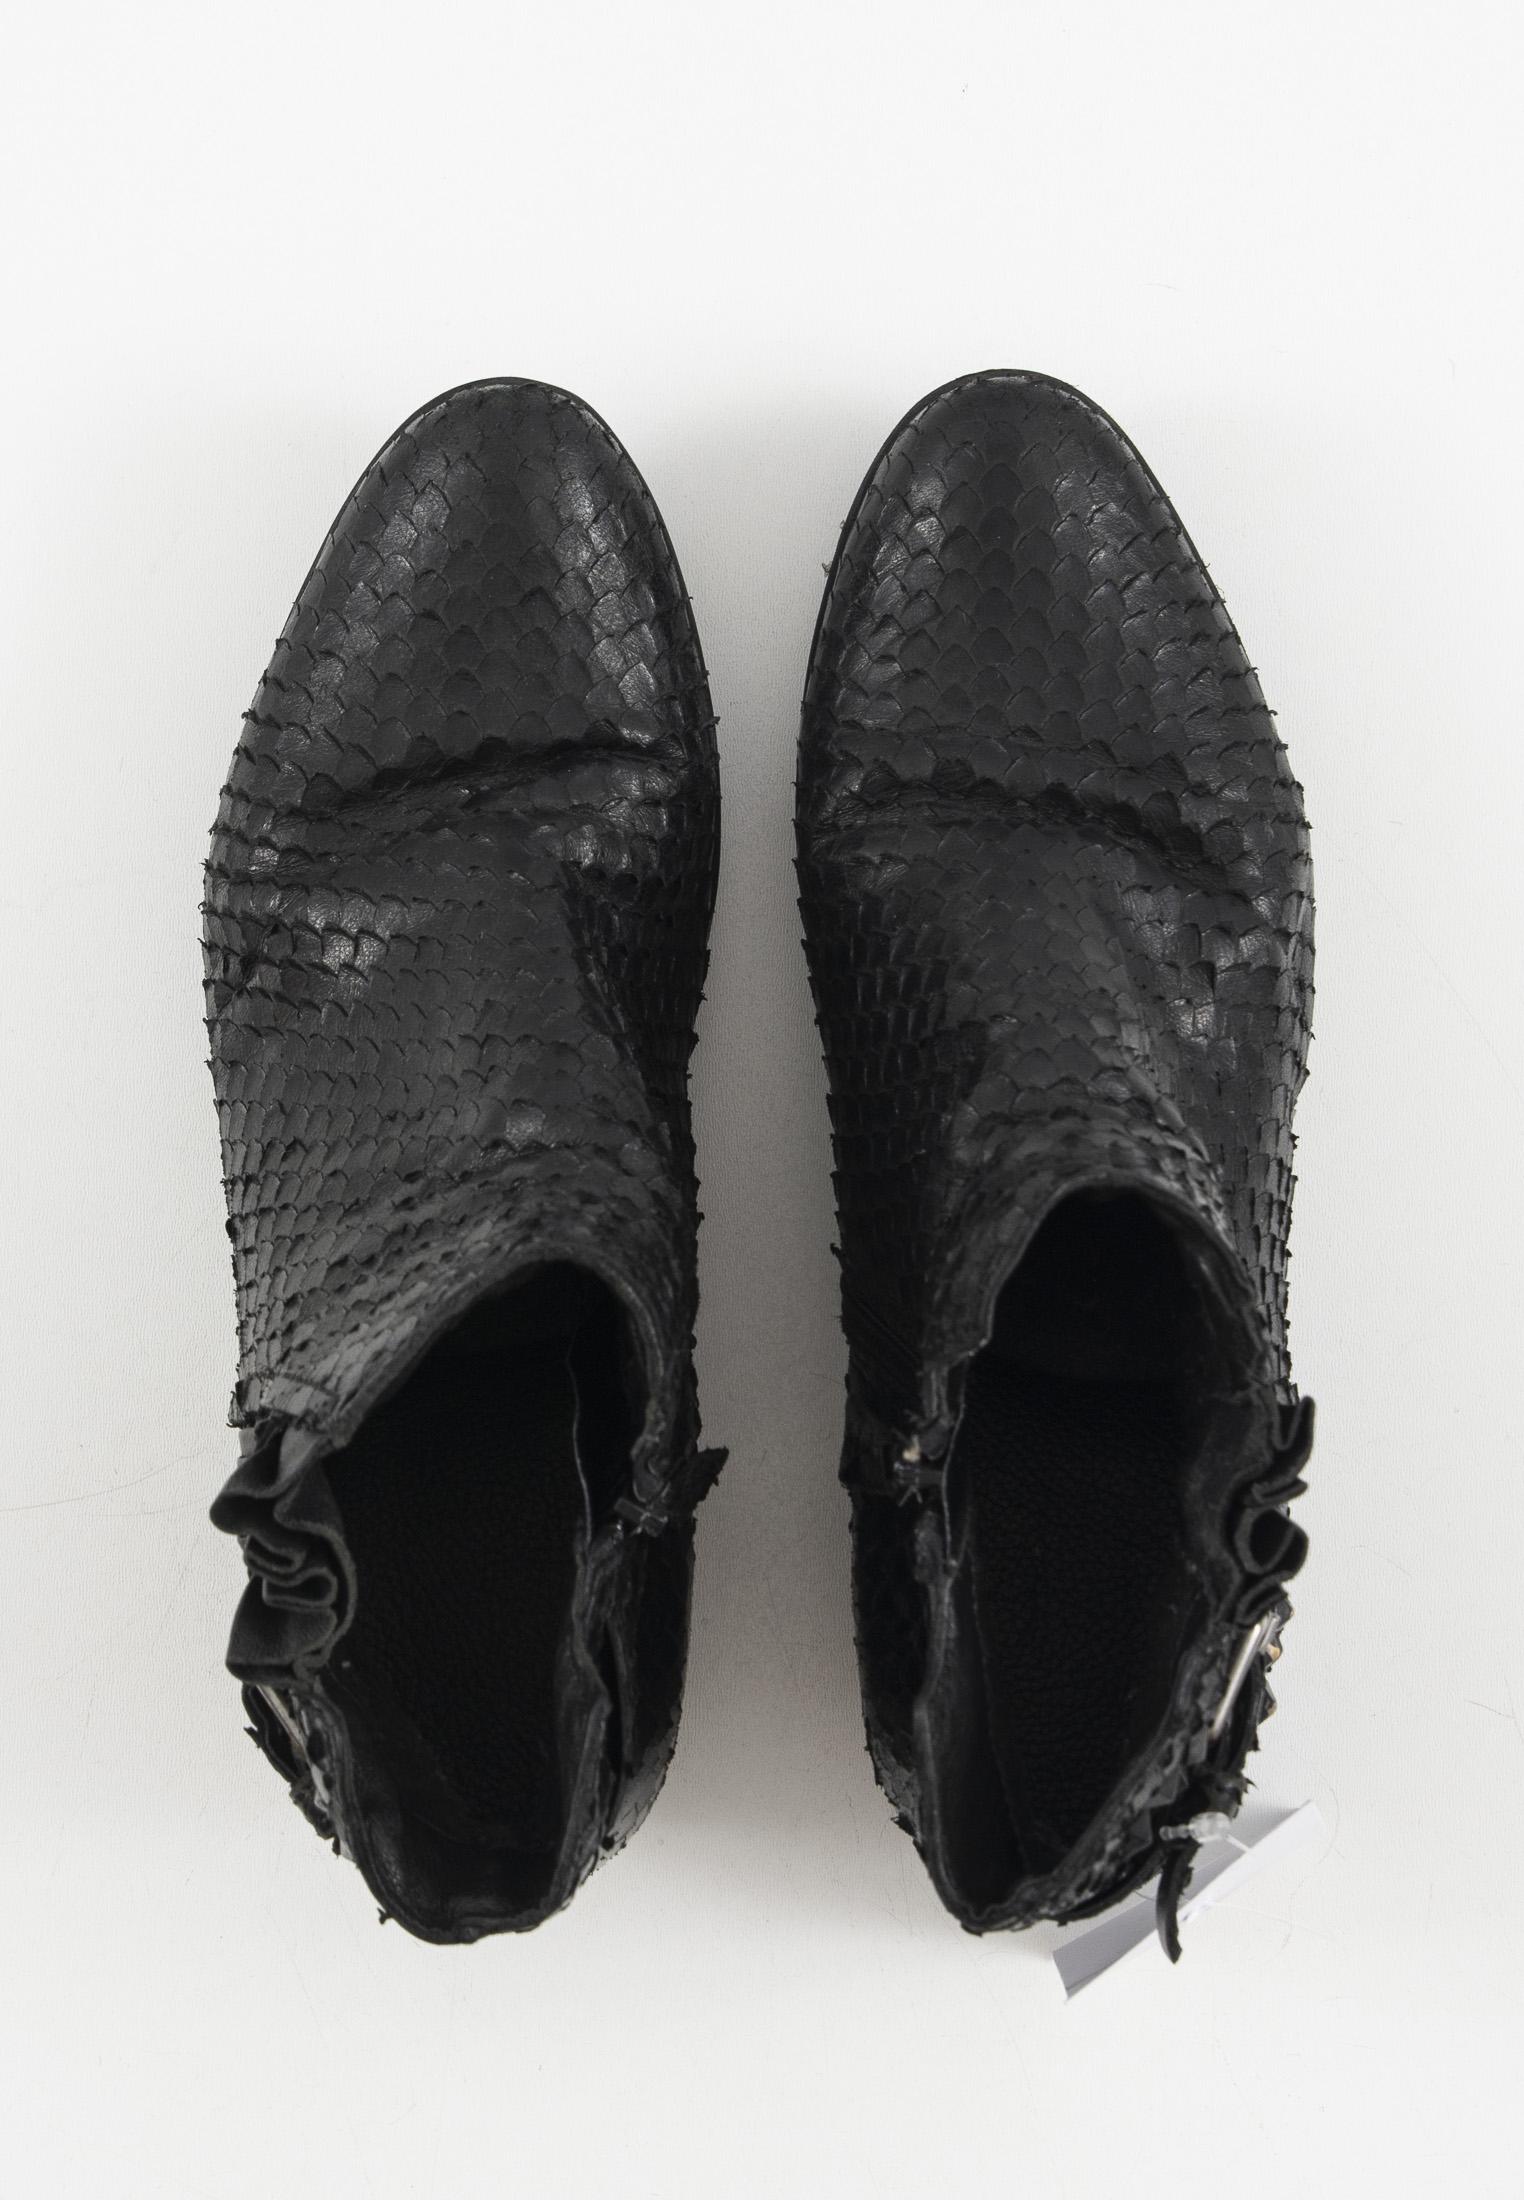 0039 Italy Stiefel / Stiefelette / Boots Schwarz Gr.38